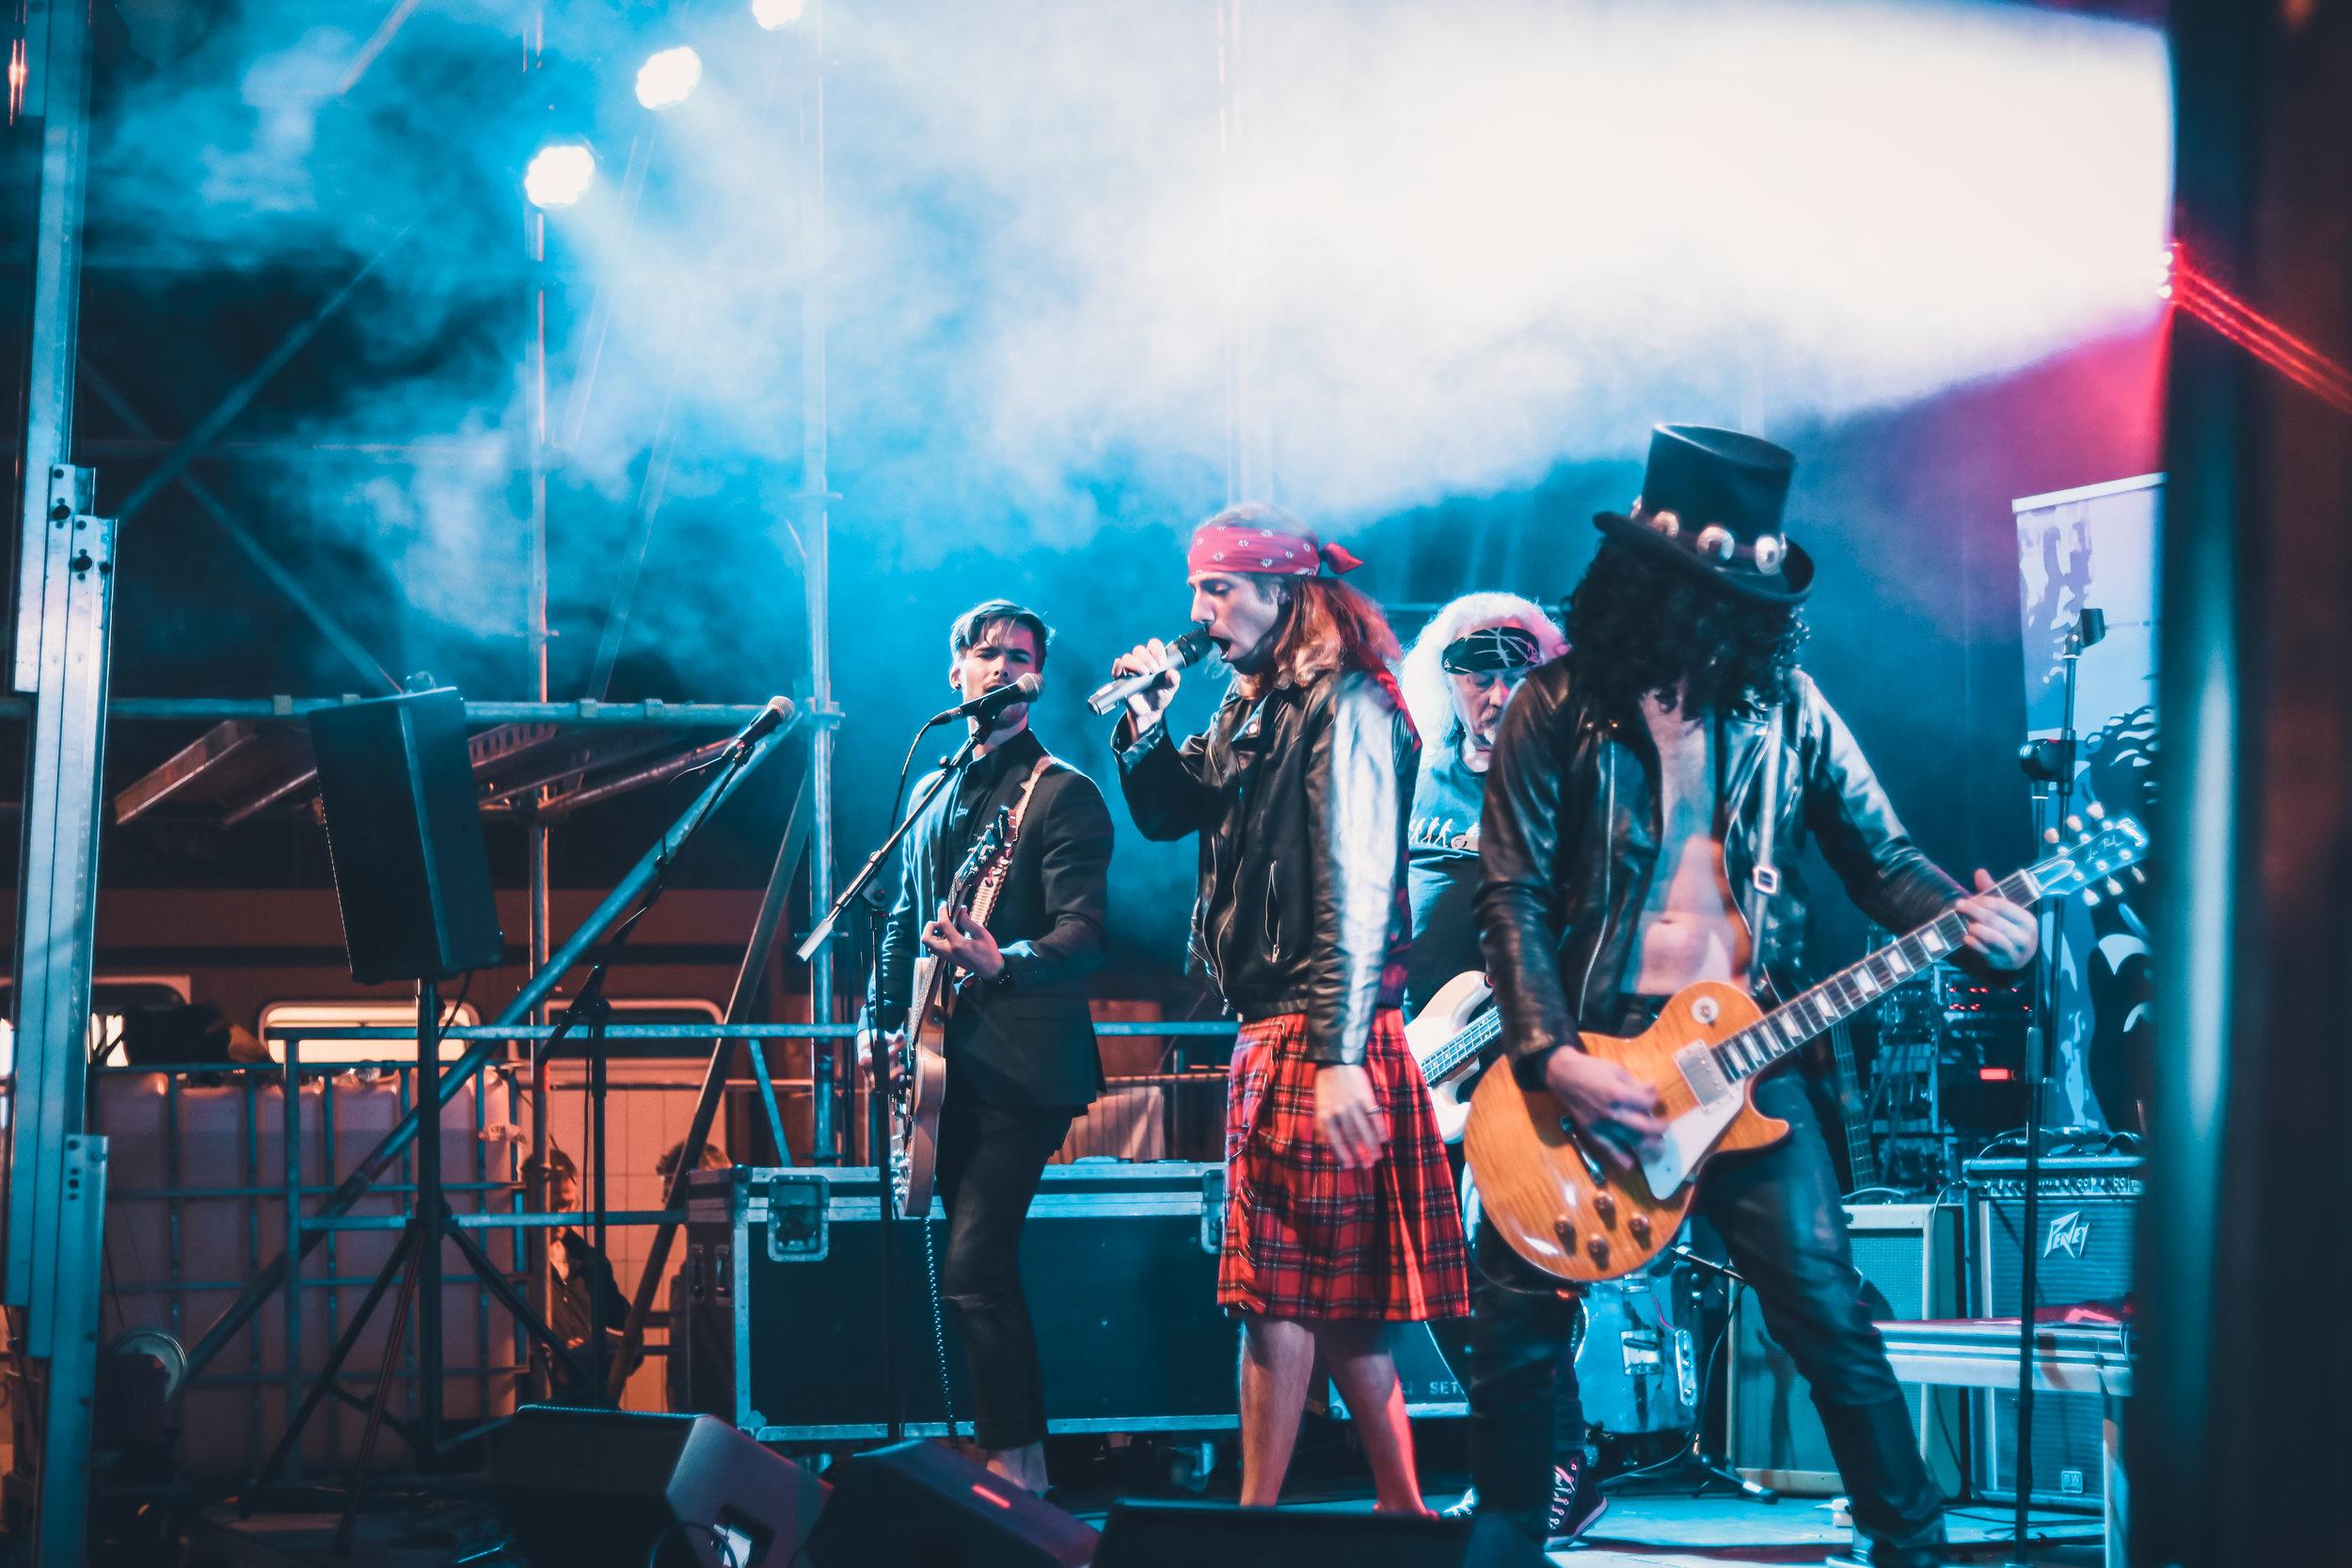 22:30 GUNZ N' ROZES (NL) - Al 15 jaar zijn ze de gevaarlijkste, best klinkende en meest realistische Guns N' Roses tributeband van Europa. Dit bewezen ze vijf jaar geleden ook al op Bizonrock. Een reden te meer om hen op deze jubileumeditie opnieuw te vragen.